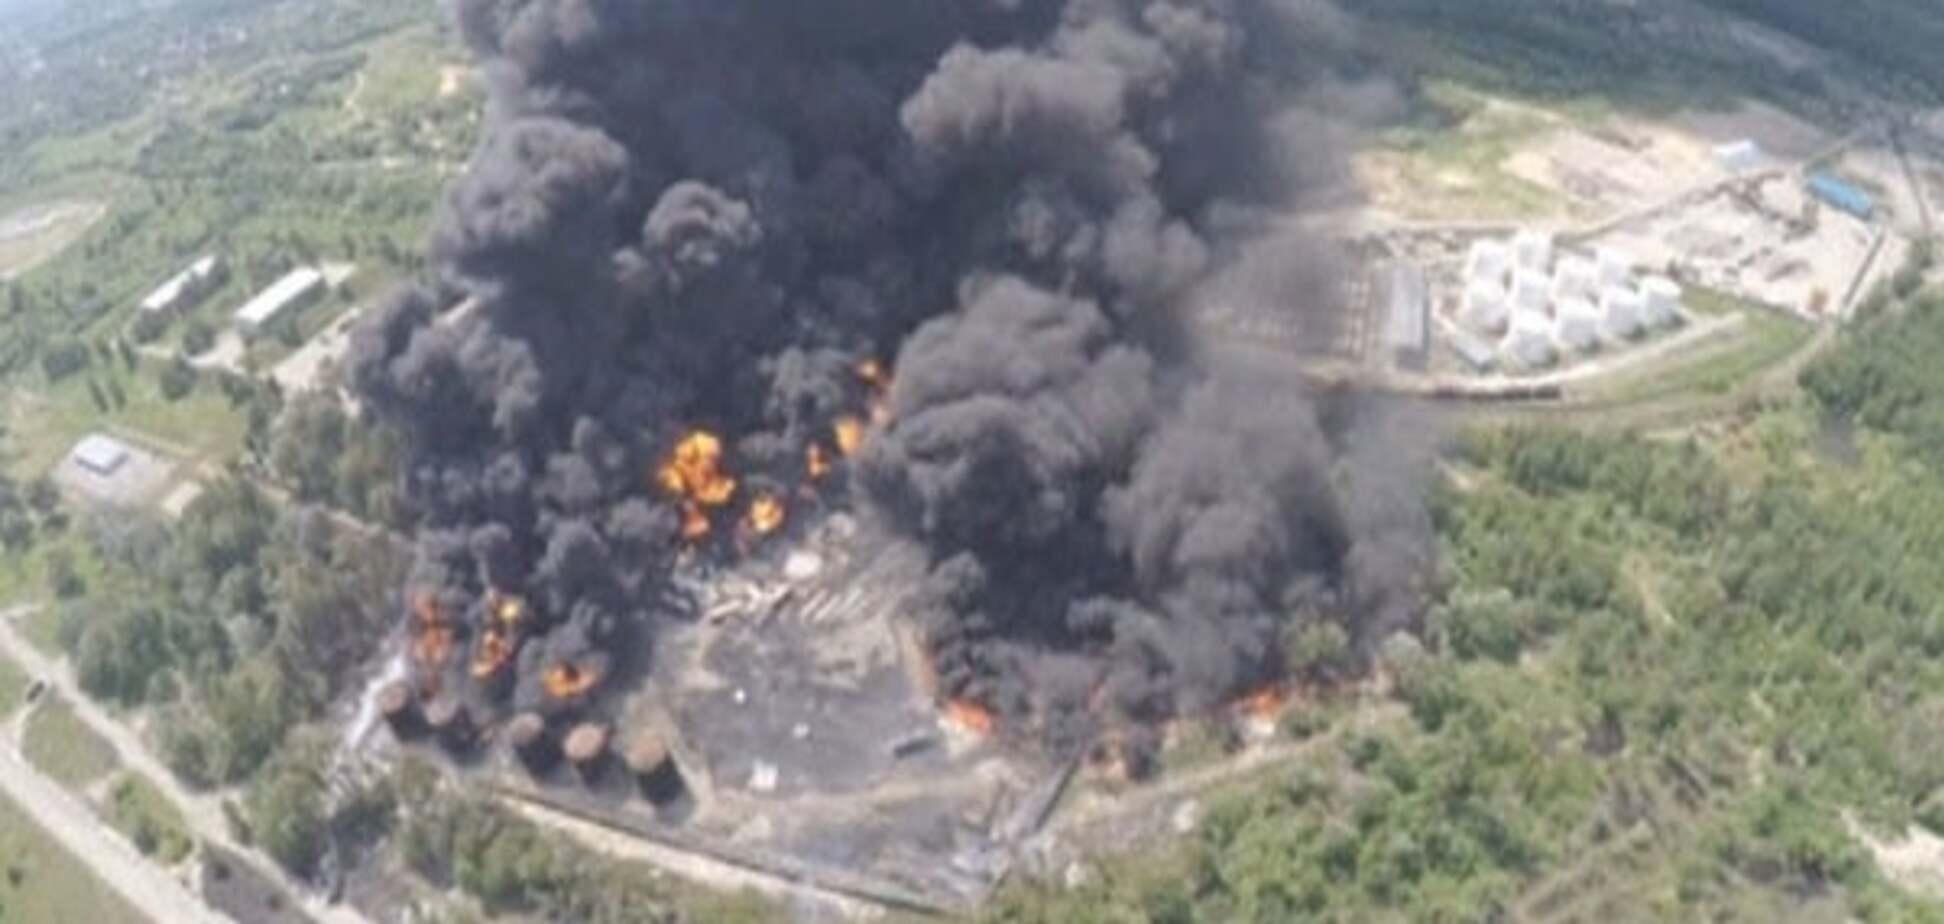 Вибух на нафтобазі під Києвом: мляве слідство та відсутні експертизи